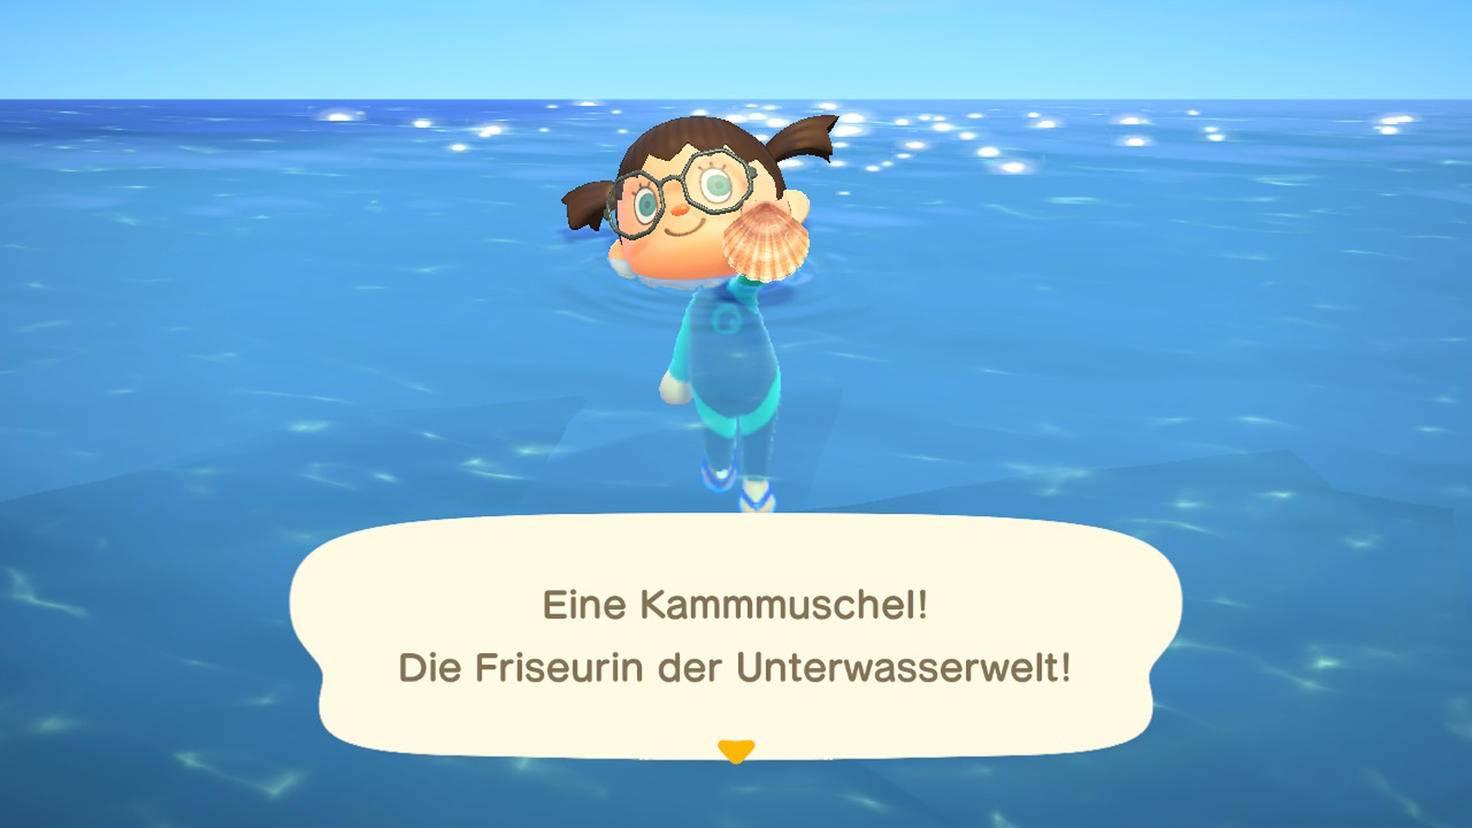 Animal Crossing New Horizons Kammmuschel